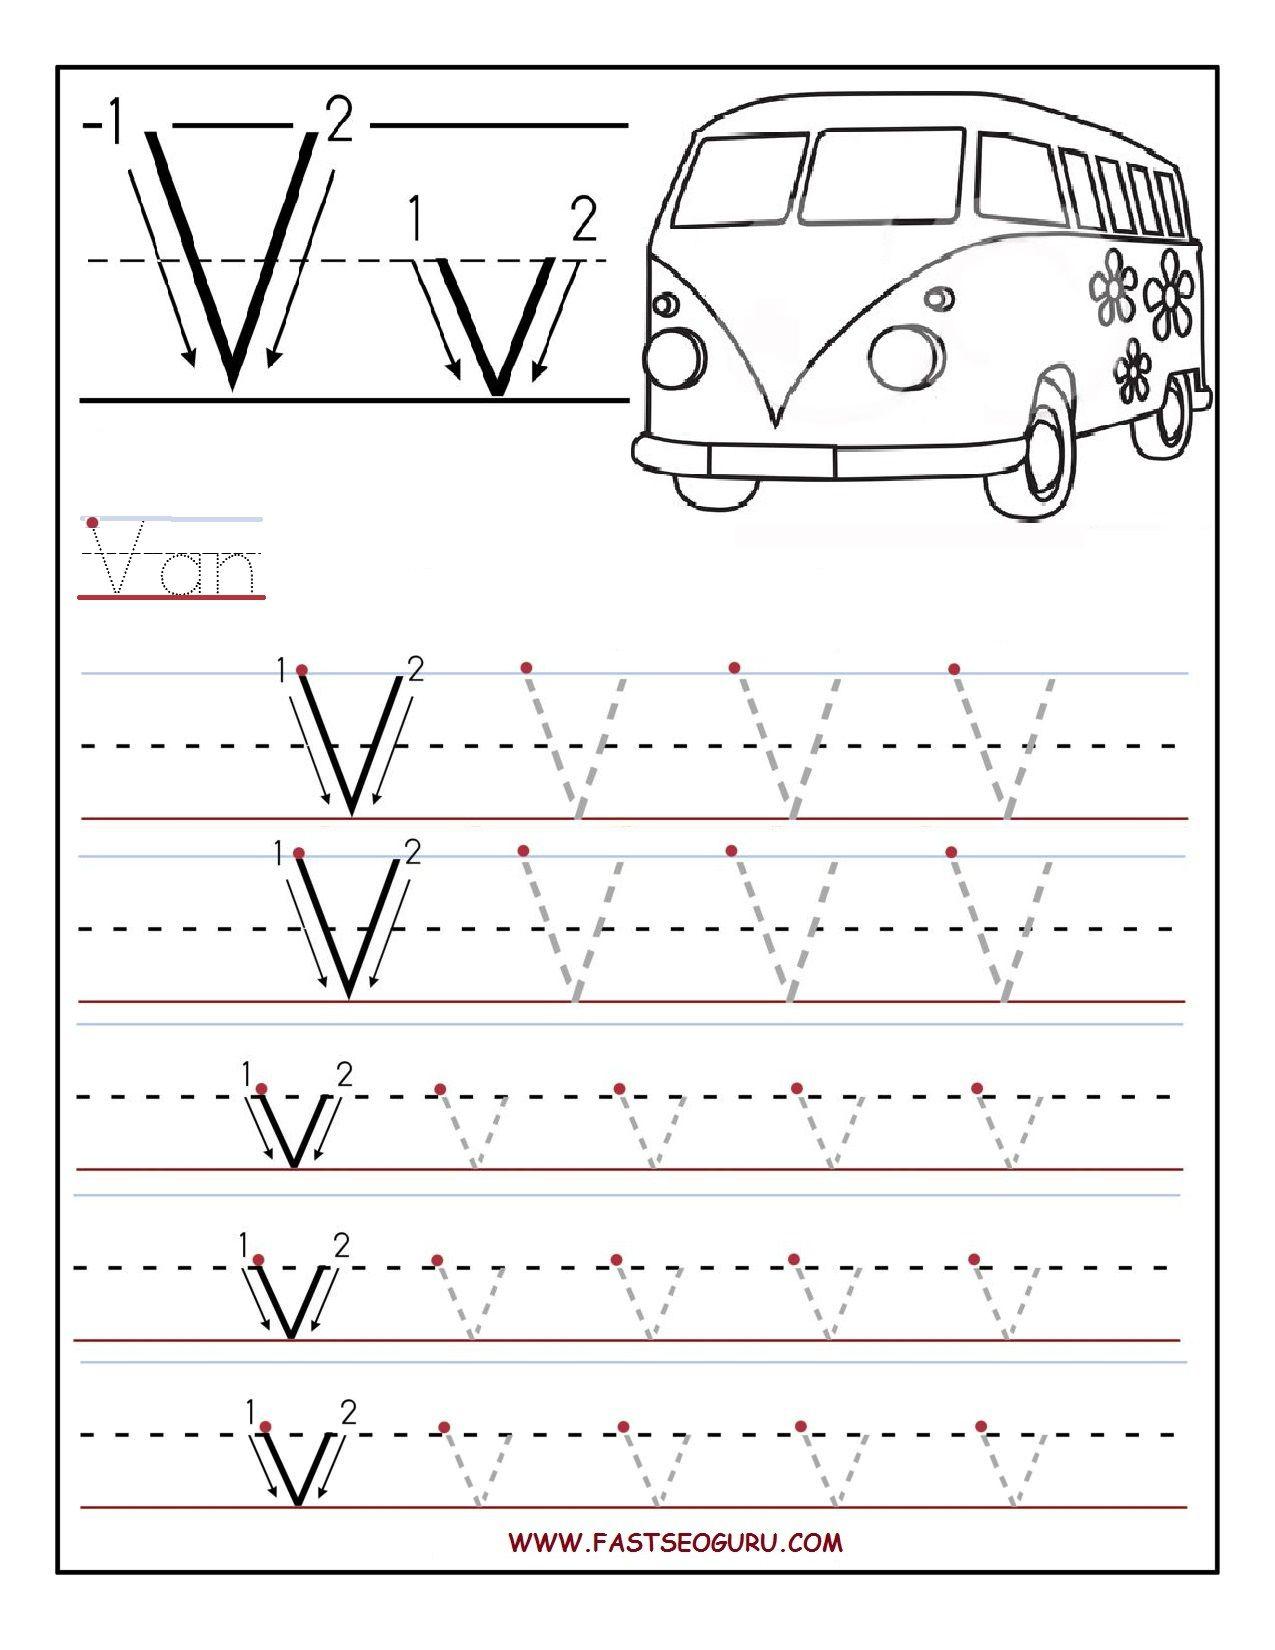 Printable Letter V Tracing Worksheets For Preschool regarding Letter V Tracing Preschool